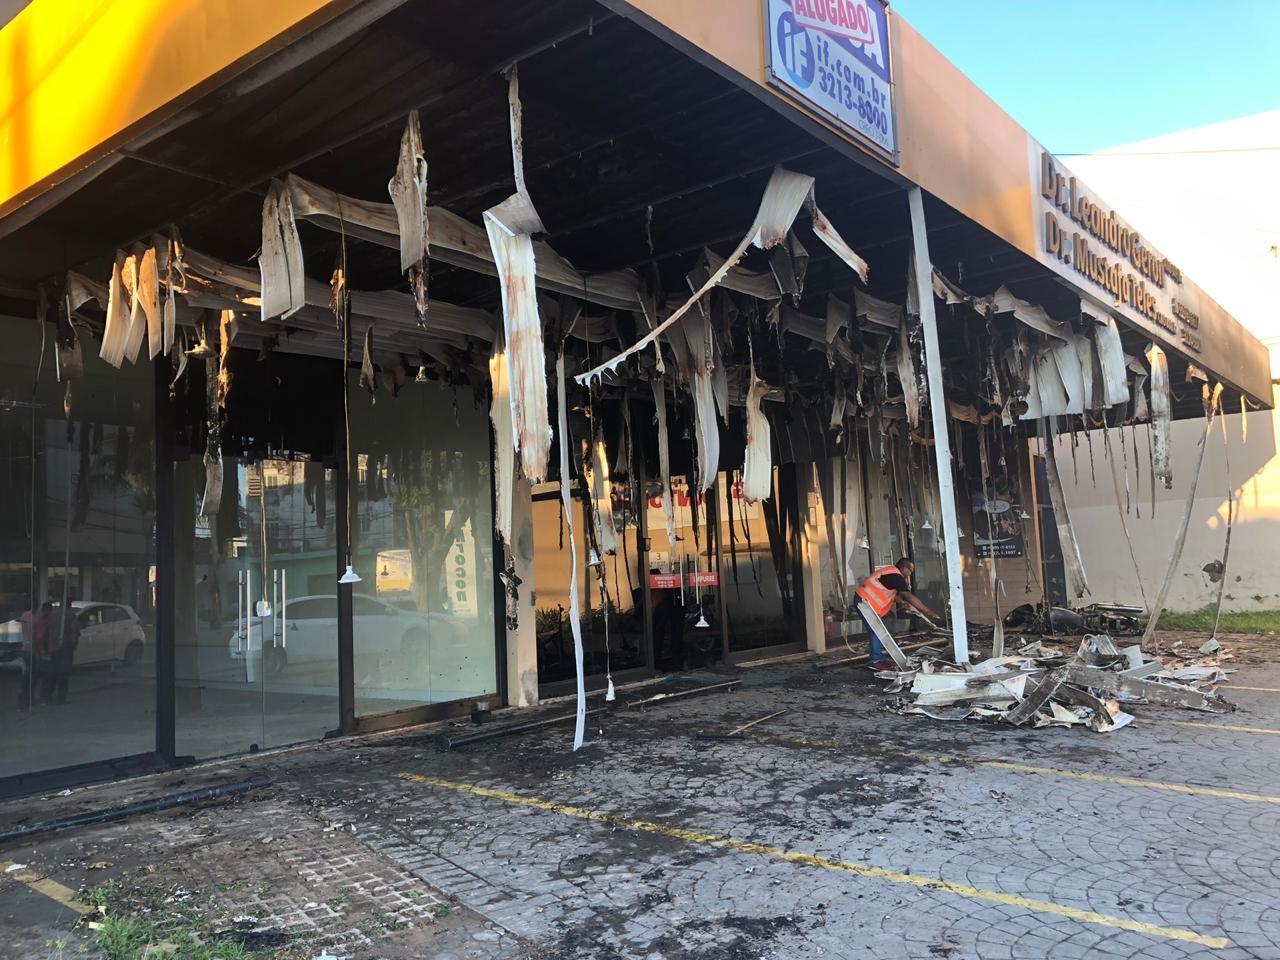 Motocicleta é incendiada e fogo atinge três lojas no Centro de Rio Branco - Notícias - Plantão Diário